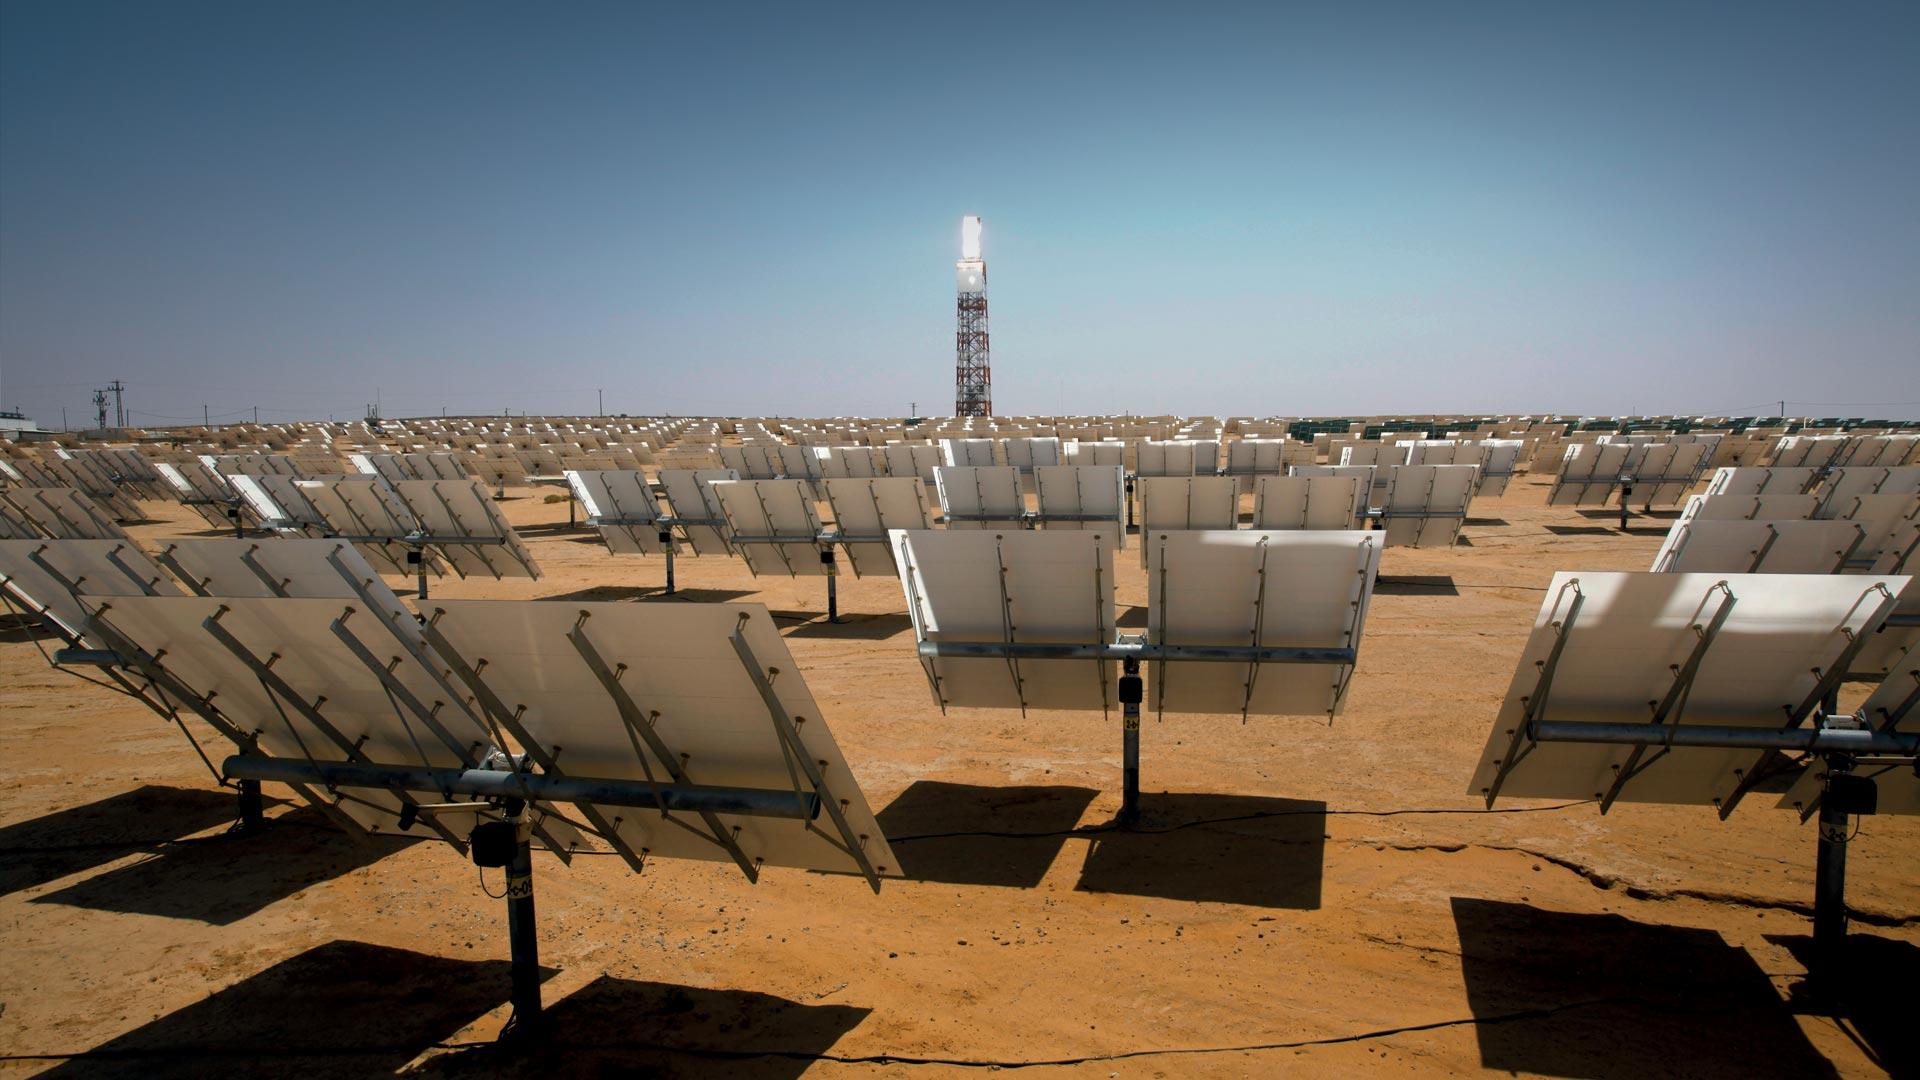 solar connectors